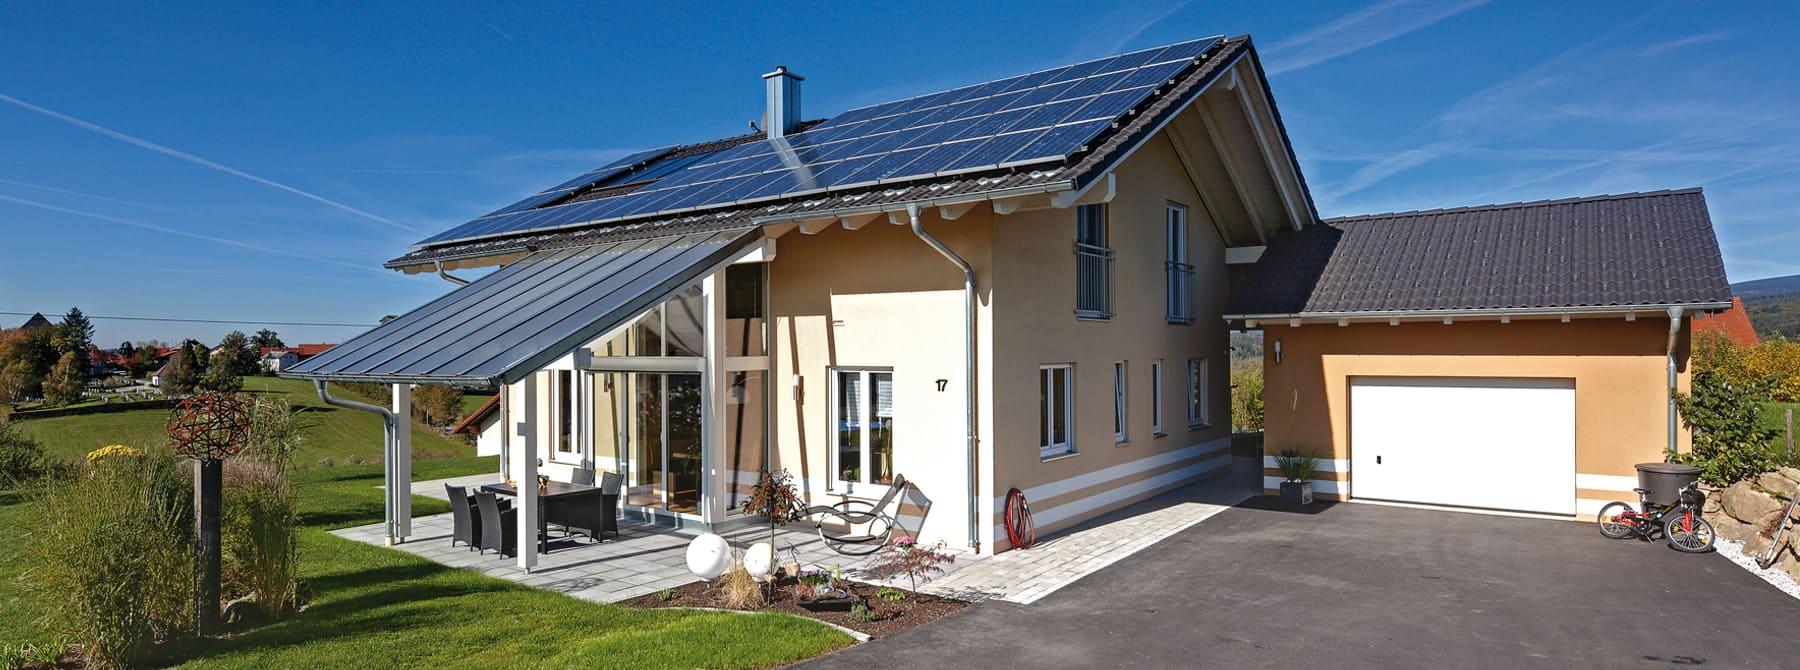 ^ Kundenhaus Weidner - ein elegantes Holzhaus von Sonnleitner.de ...